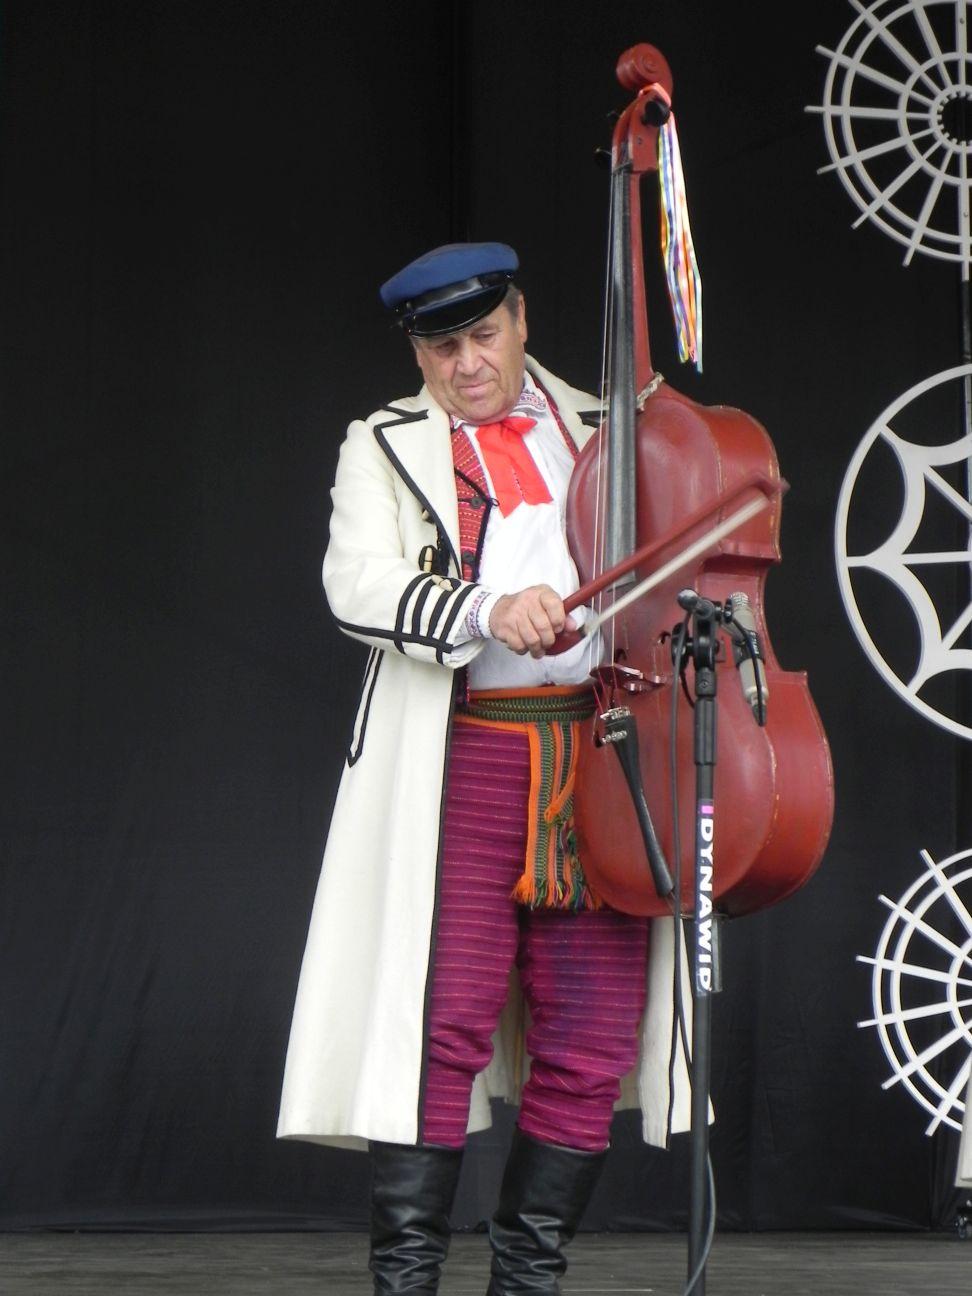 2017-06-24 Kazimierz Dolny - Władysław Chaber z Bobrowca